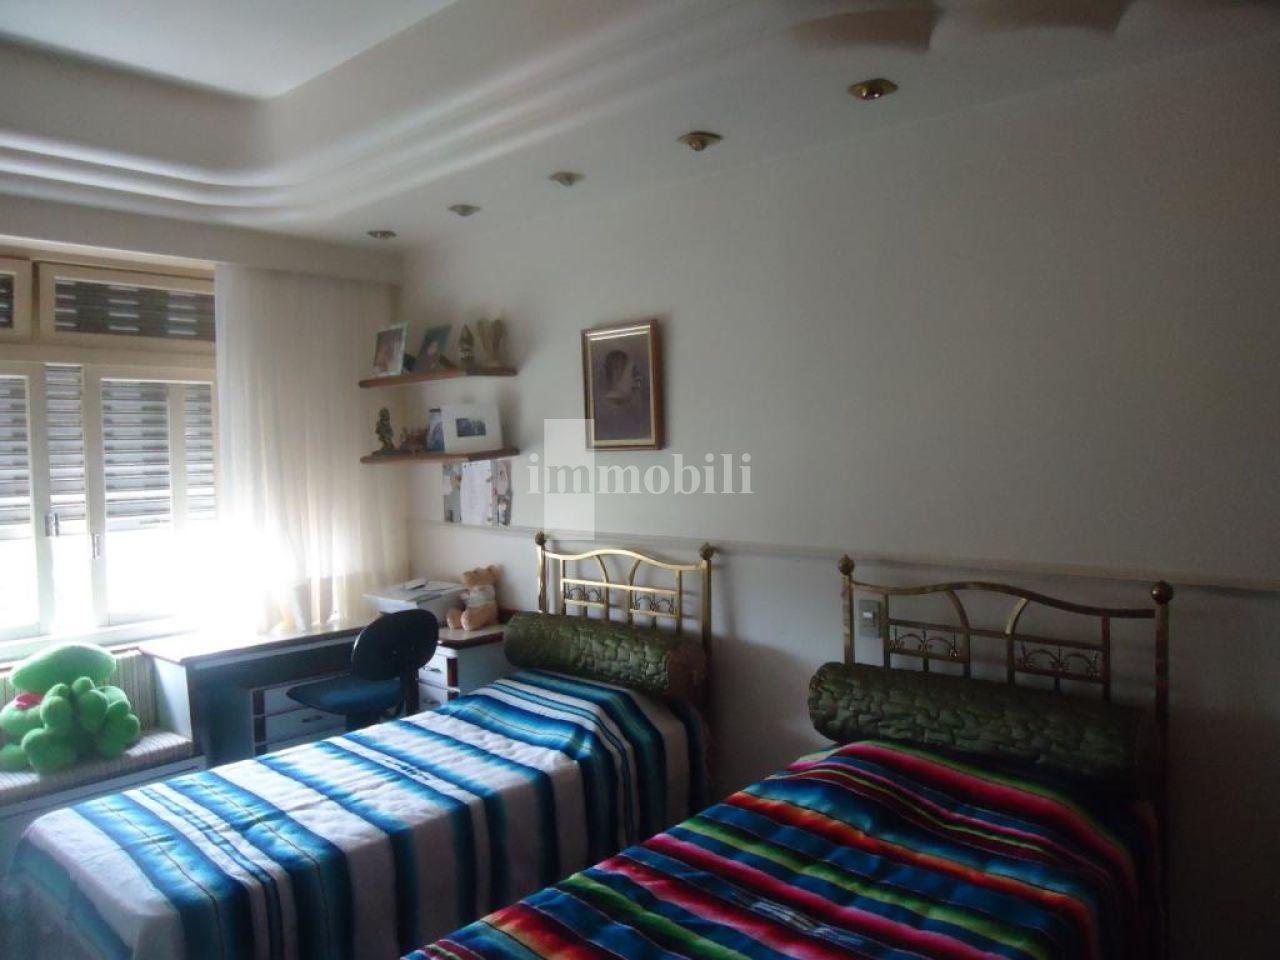 imagem de destaque-imovel Dormitório 1